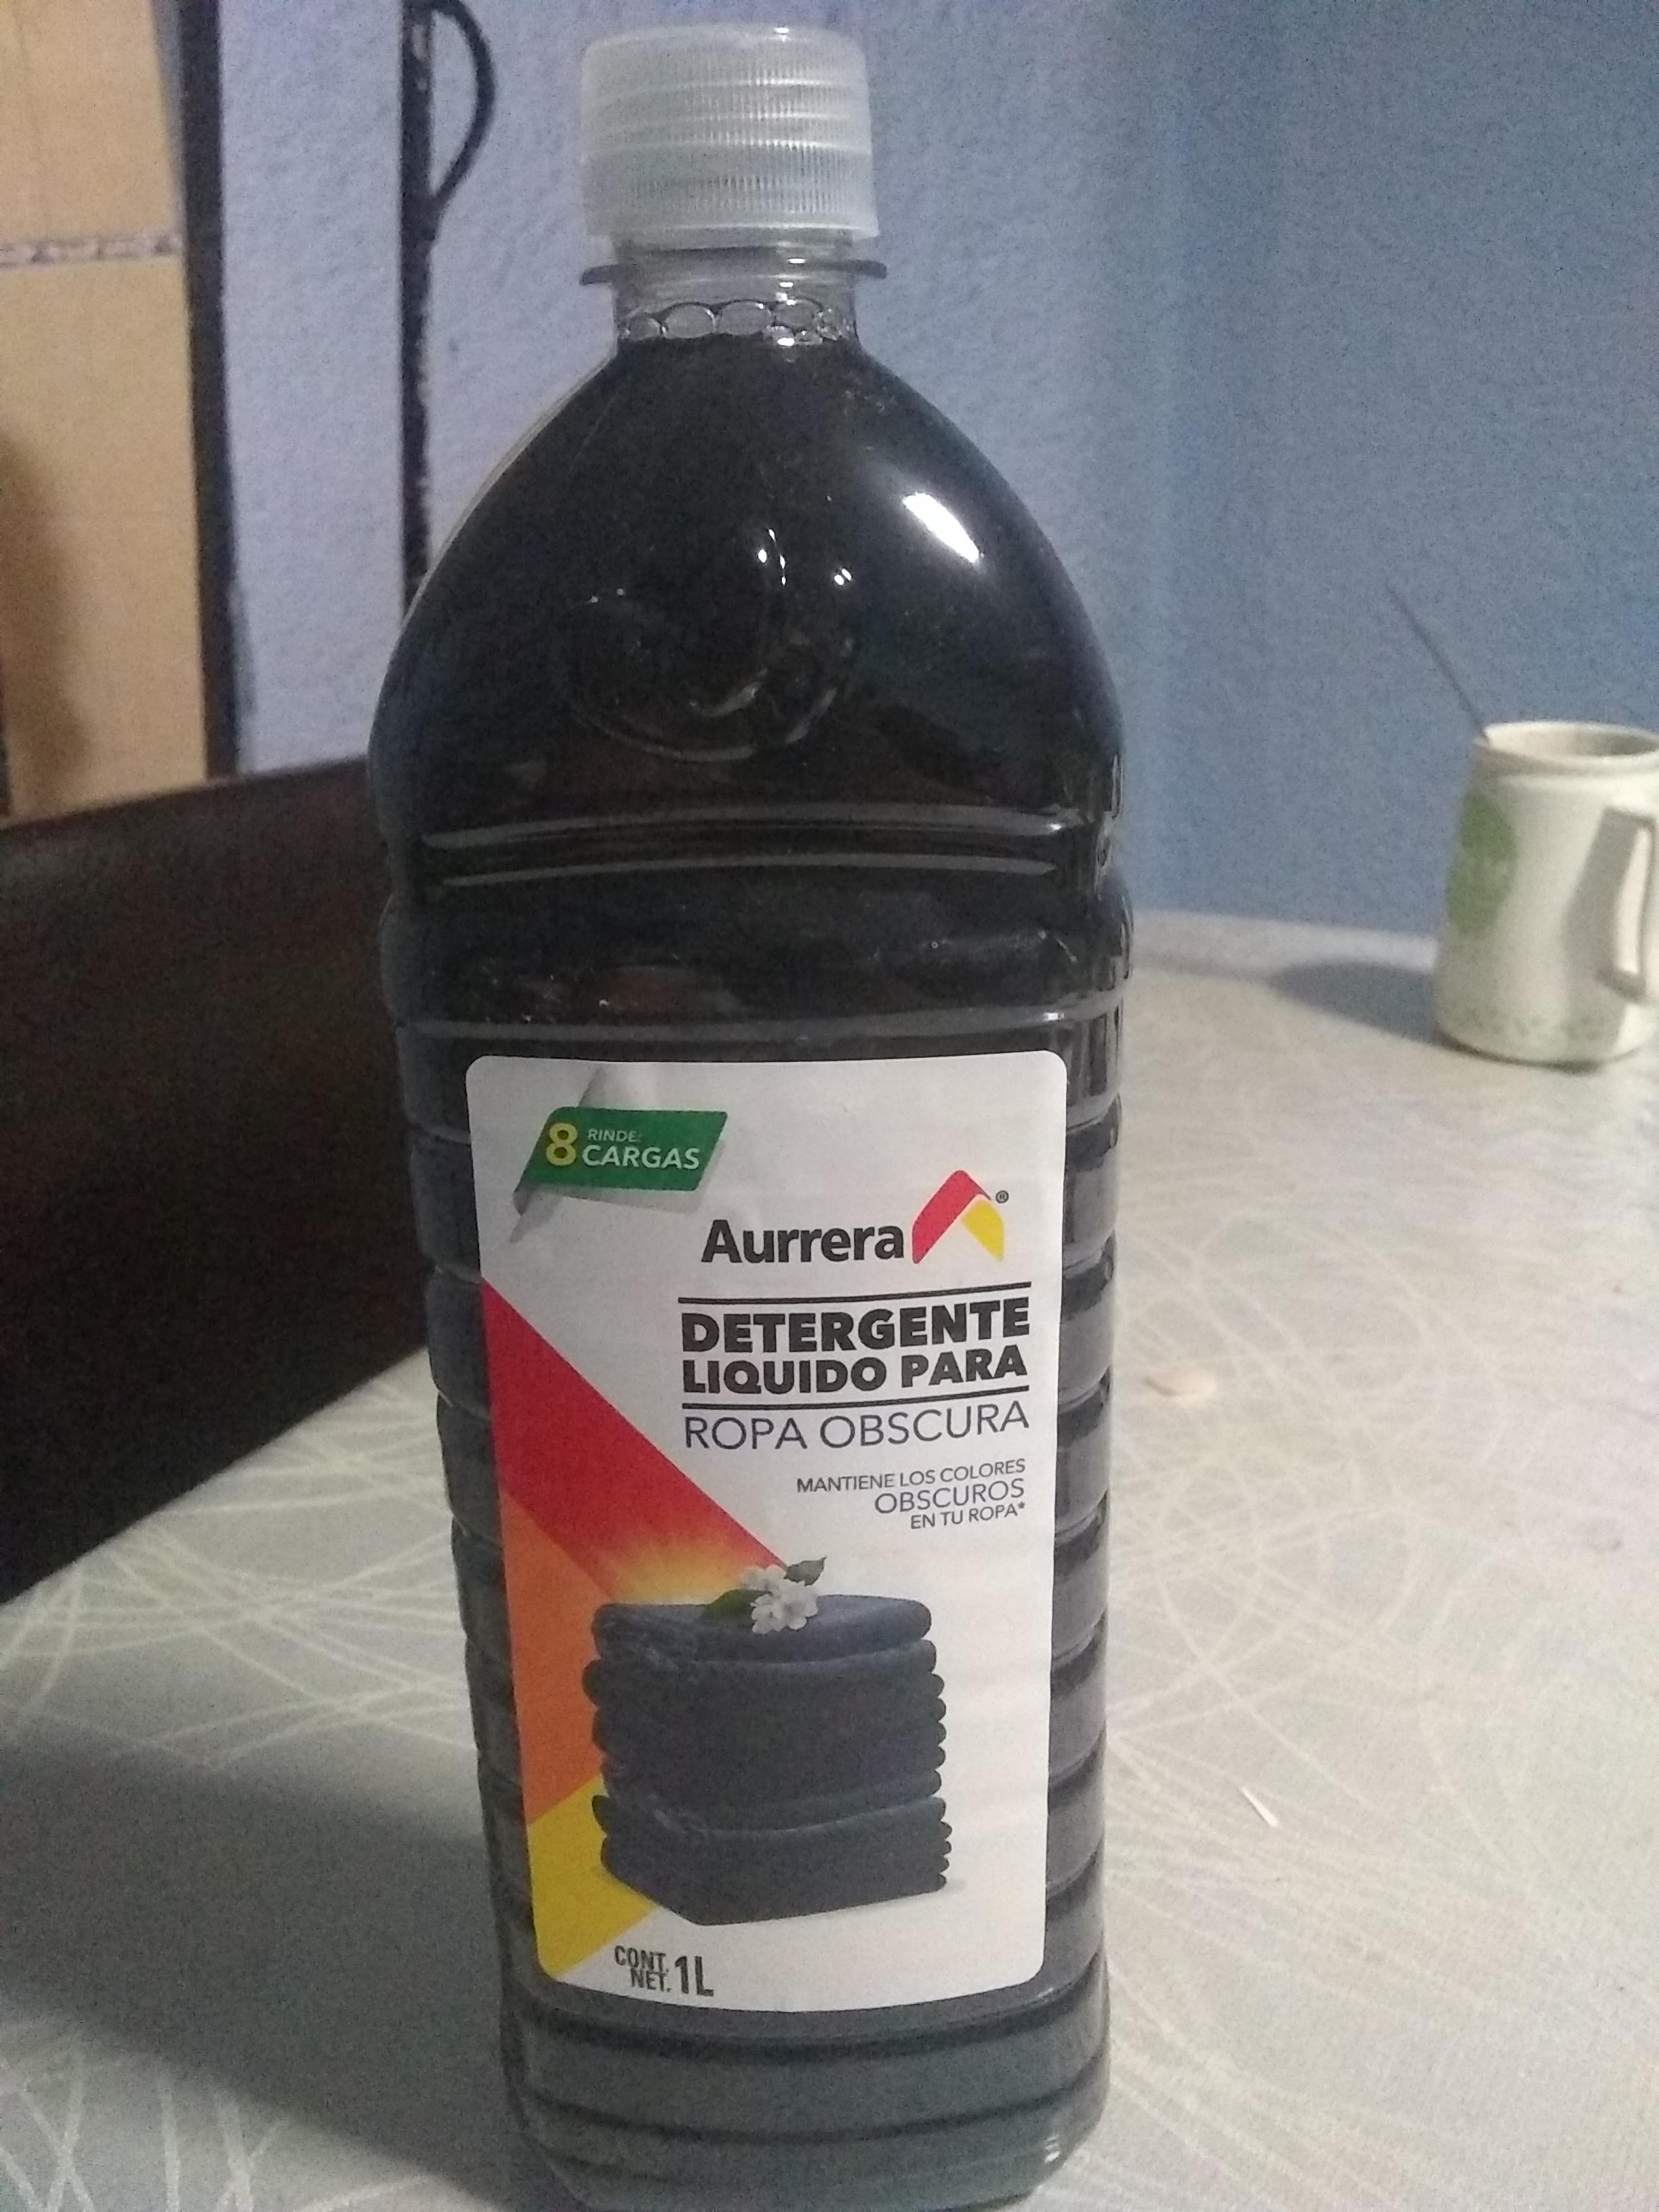 Bodega Aurrera: Detergente líquido ropa obscura